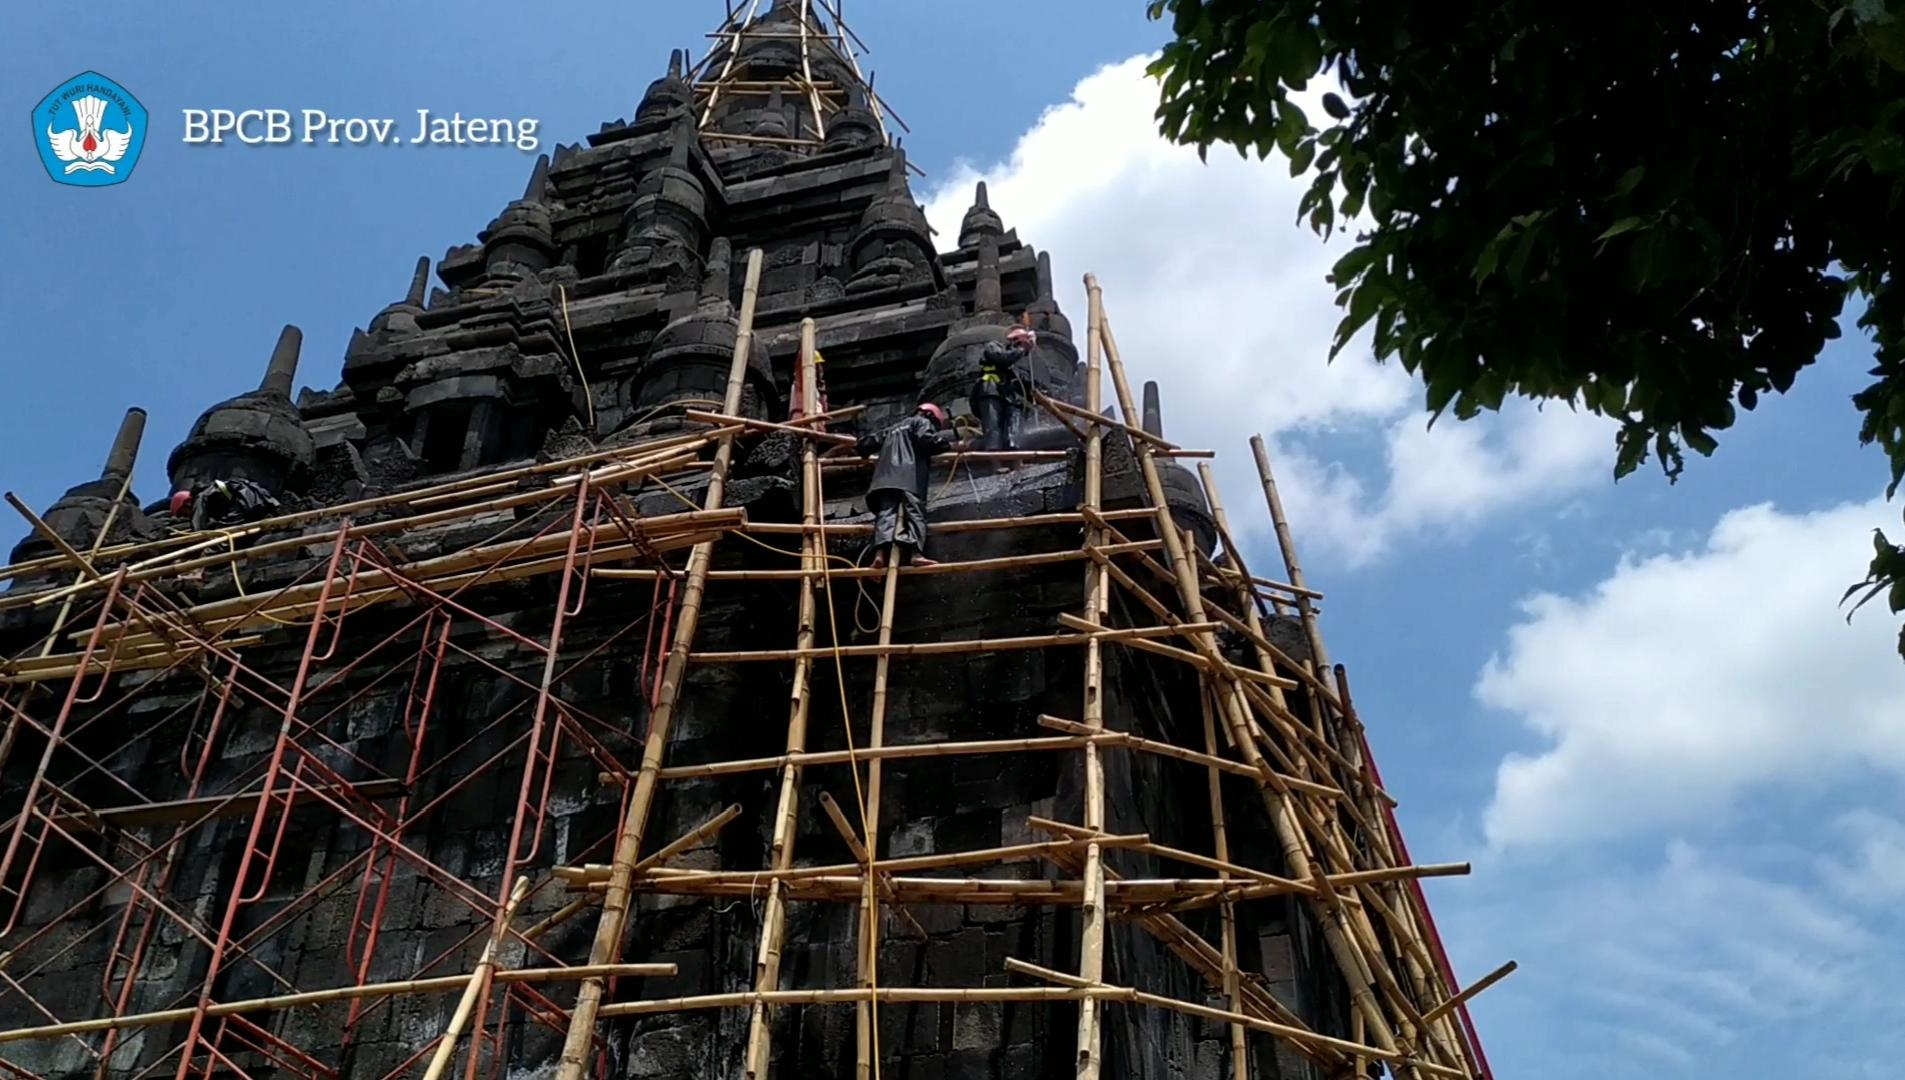 Read more about the article BPCB Prov. Jawa Tengah Konservasi Candi Sojiwan